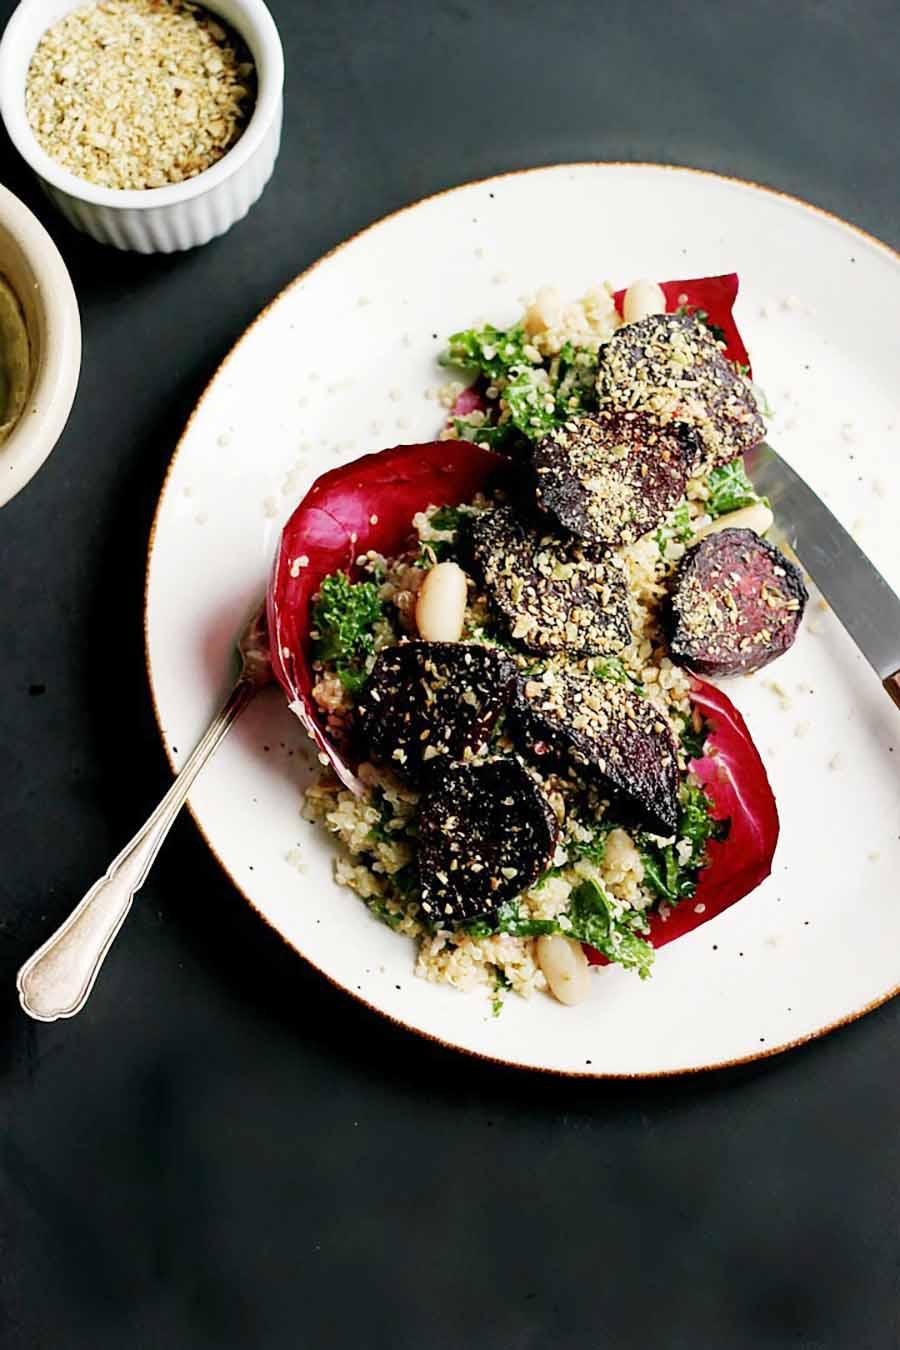 Roasted beet salad served inside a red cabbage leaf.